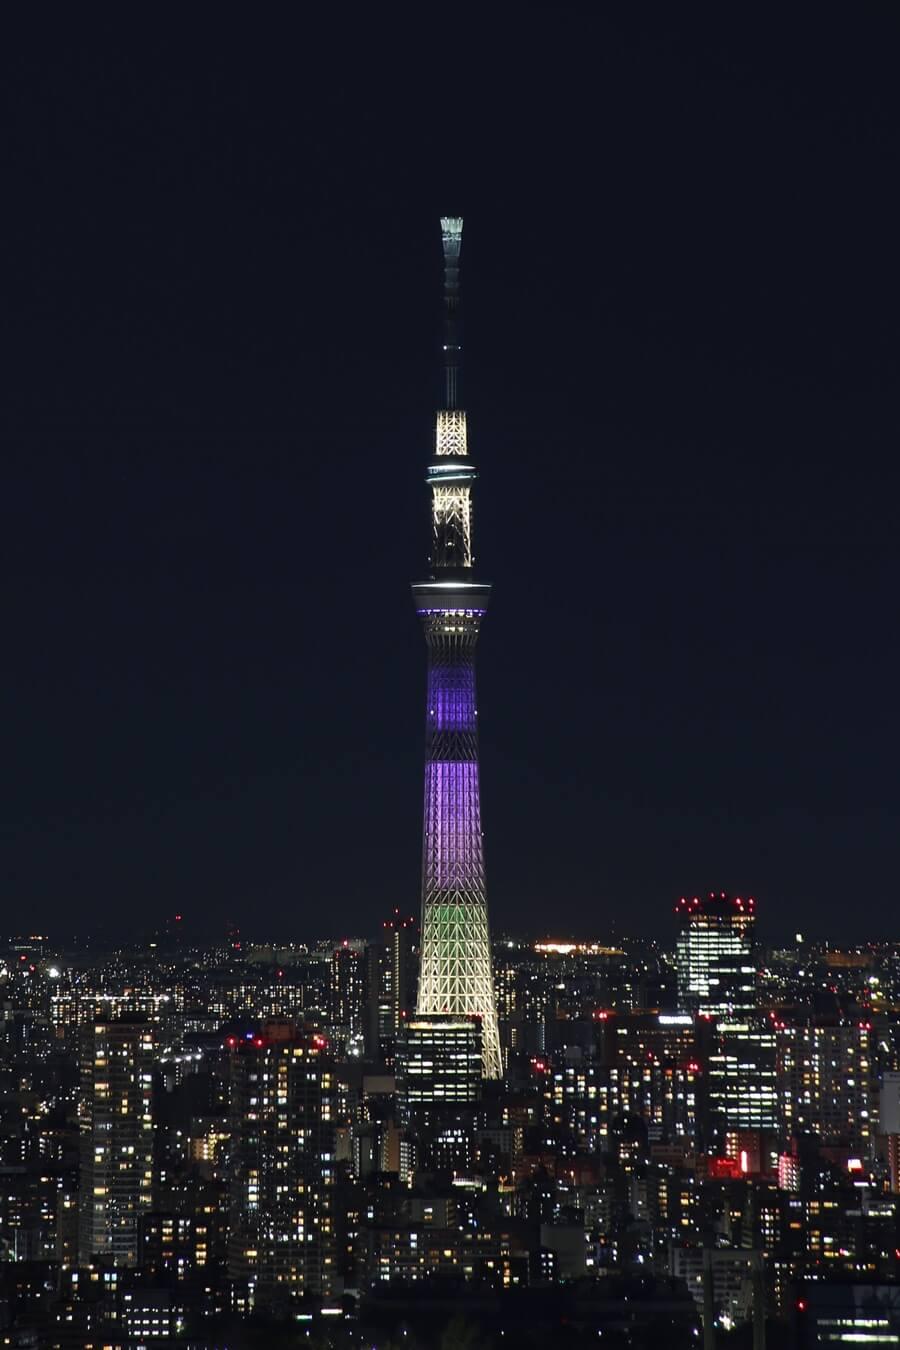 東京スカイツリー 東日本大震災 tokyo_skytree (4)